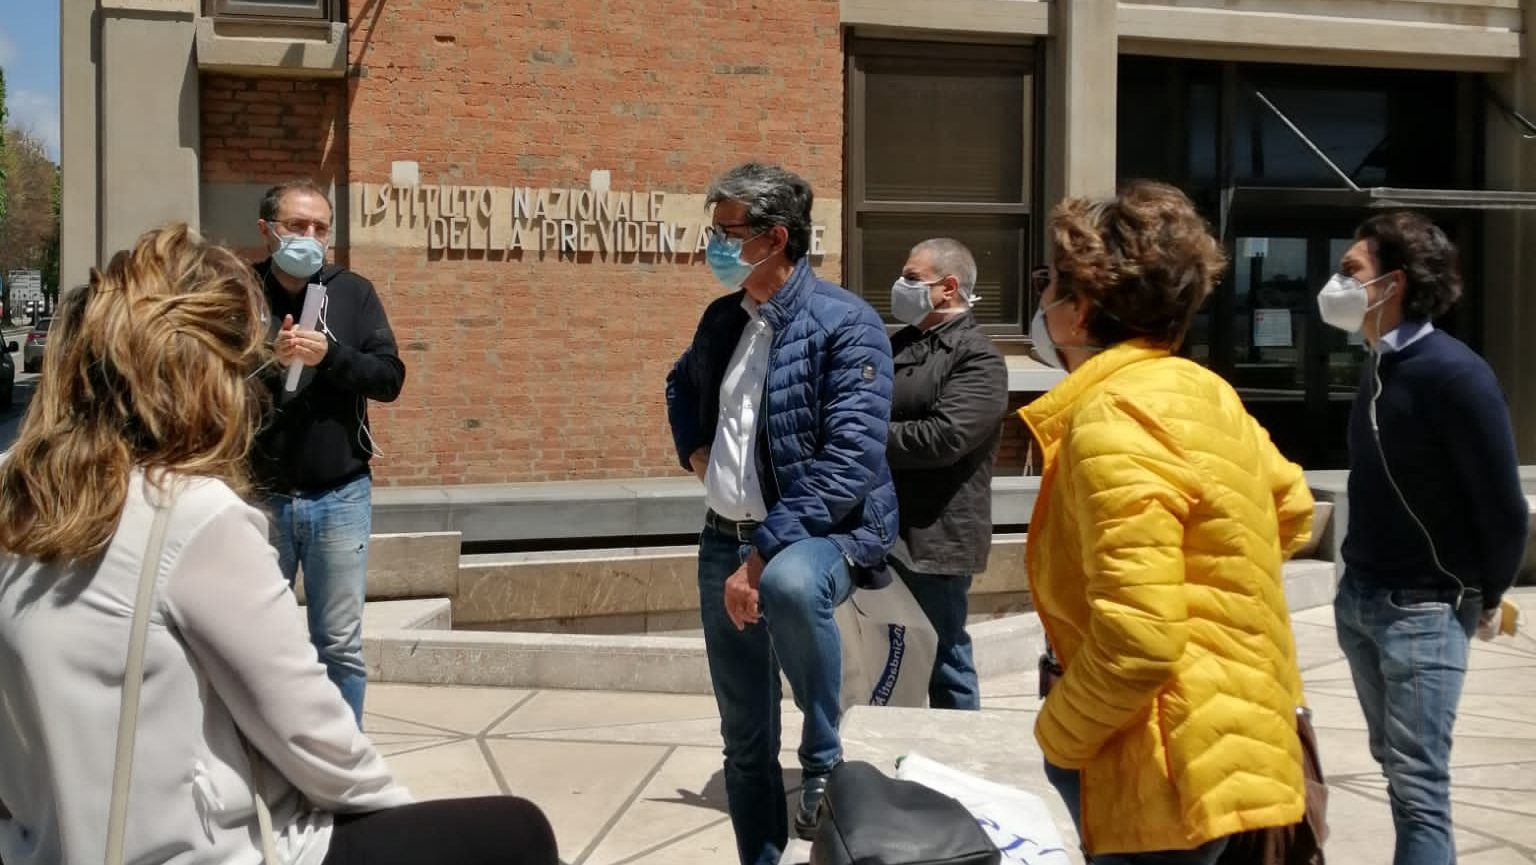 la protesta degli operatori dello spettacolo di Messina di fronte alla sede inps all'inizio della fase 2 della lotta al coronavirus